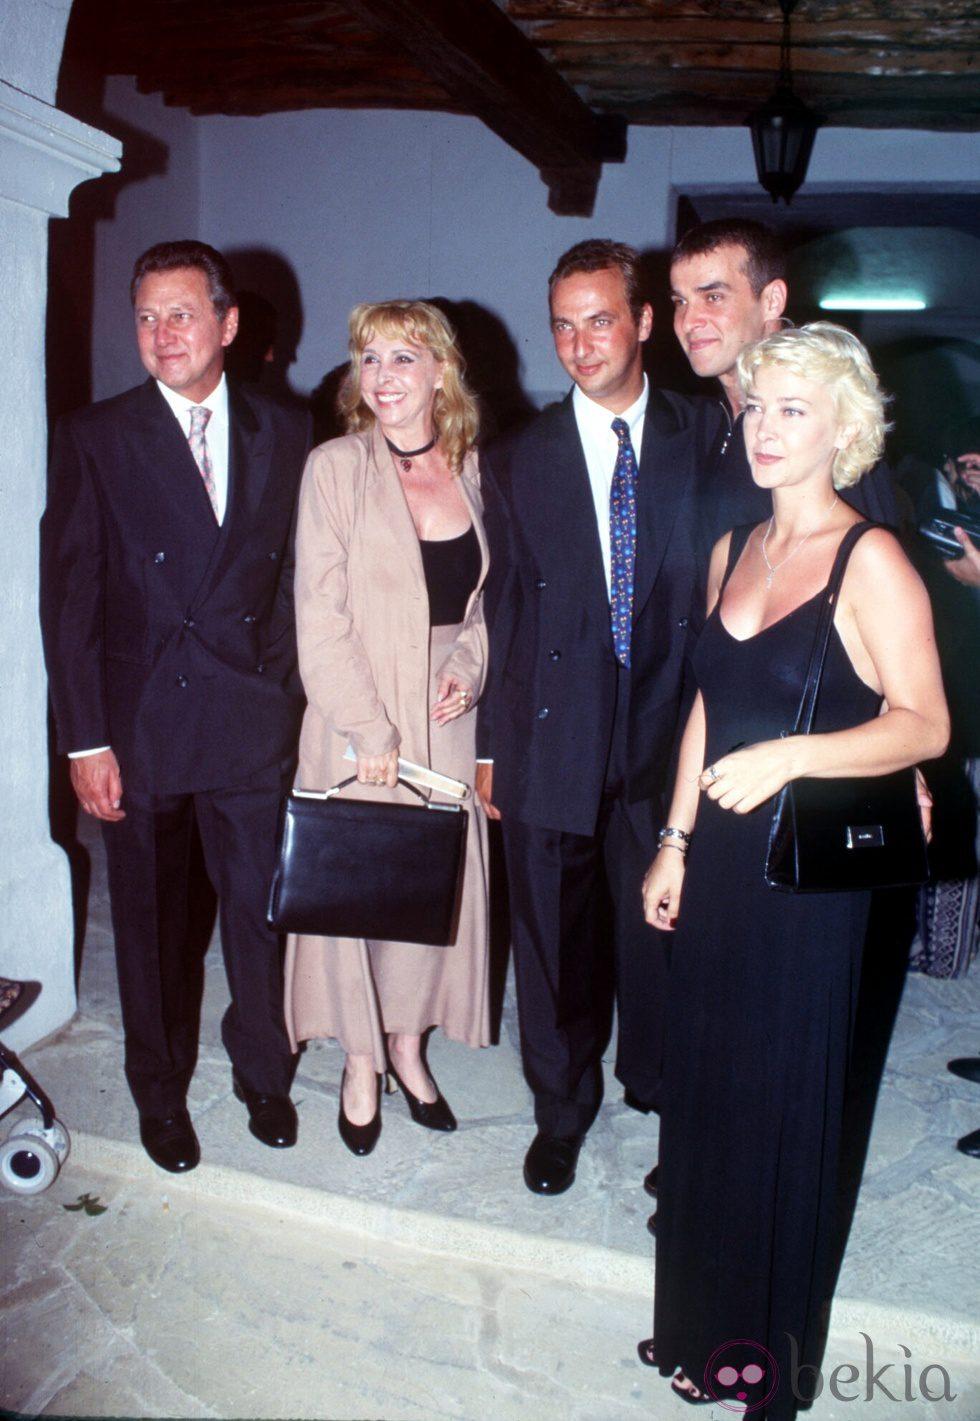 Los Larrañaga en la boda de Pedro Larrañaga en 1996